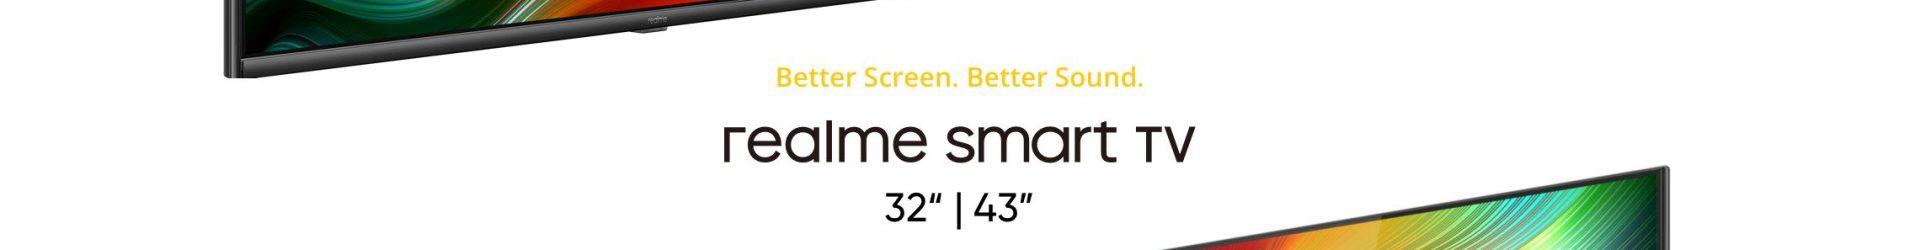 Realme Smart TV ufficiale: due vere rivali per le Xiaomi Mi TV